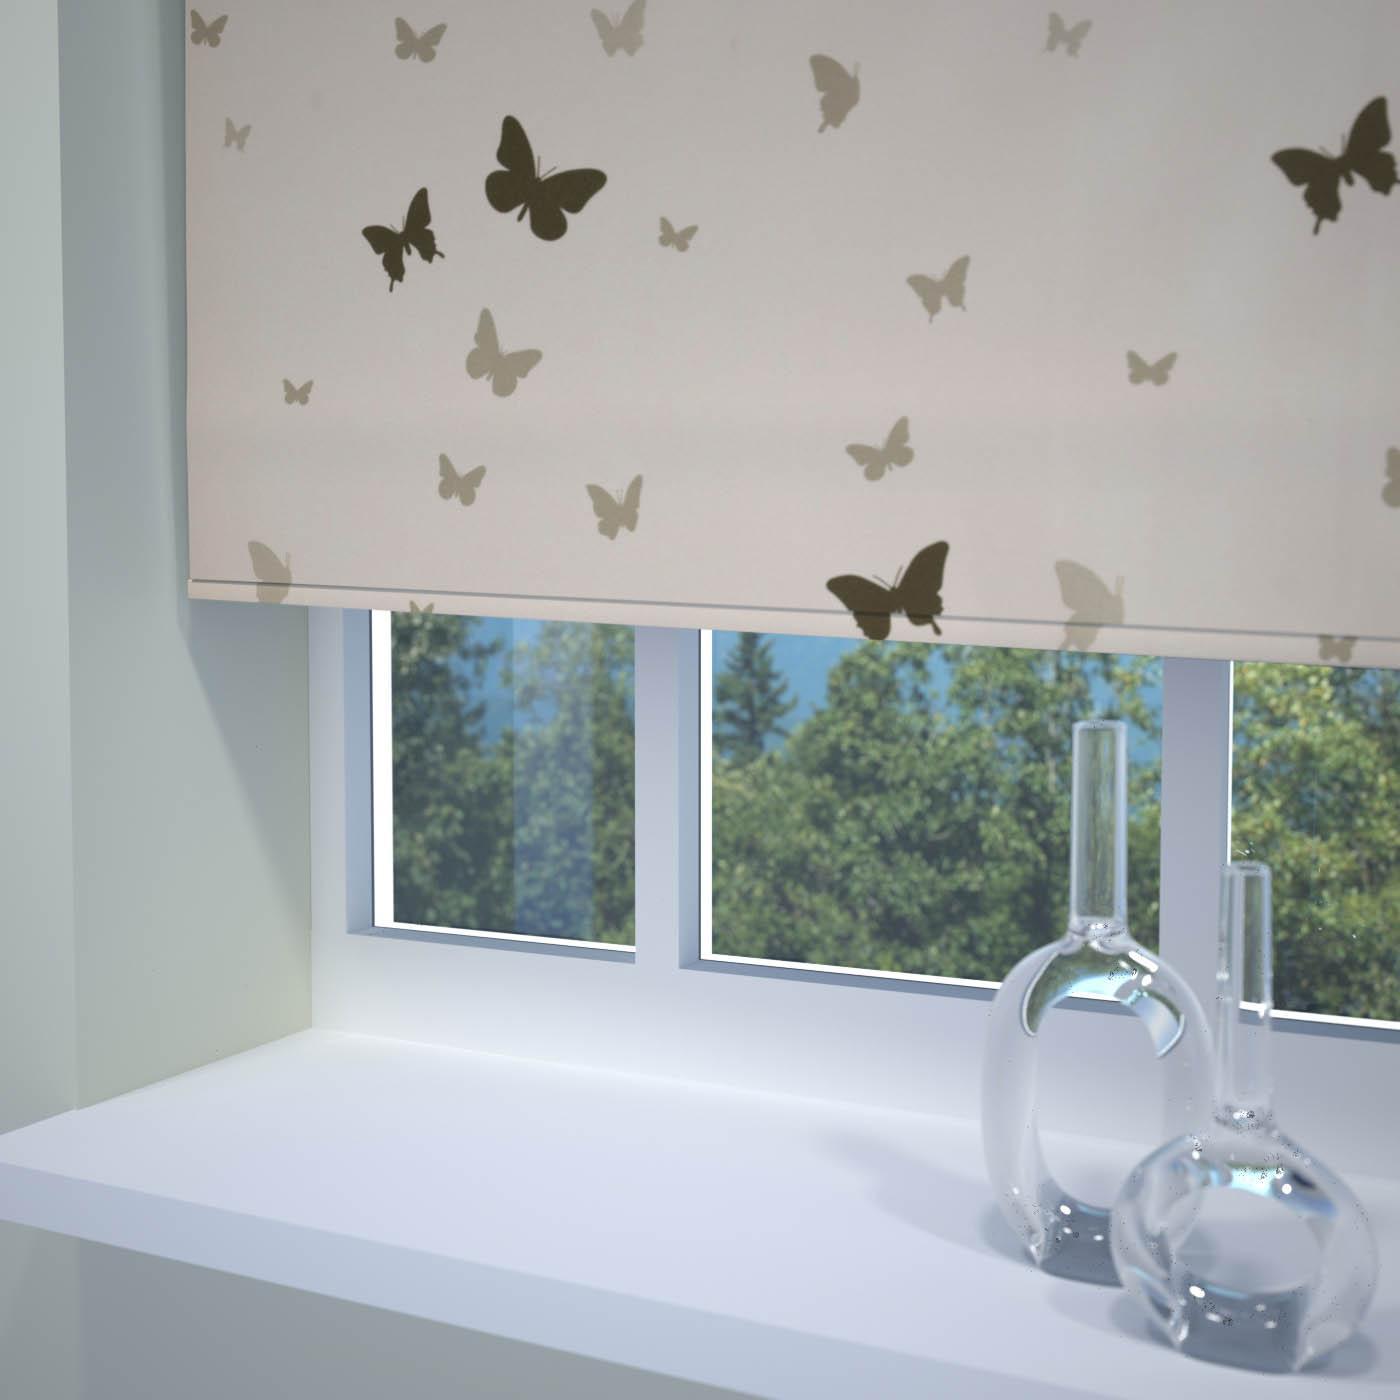 Roller blinds for bathrooms uk - Butterfly Roller Blind